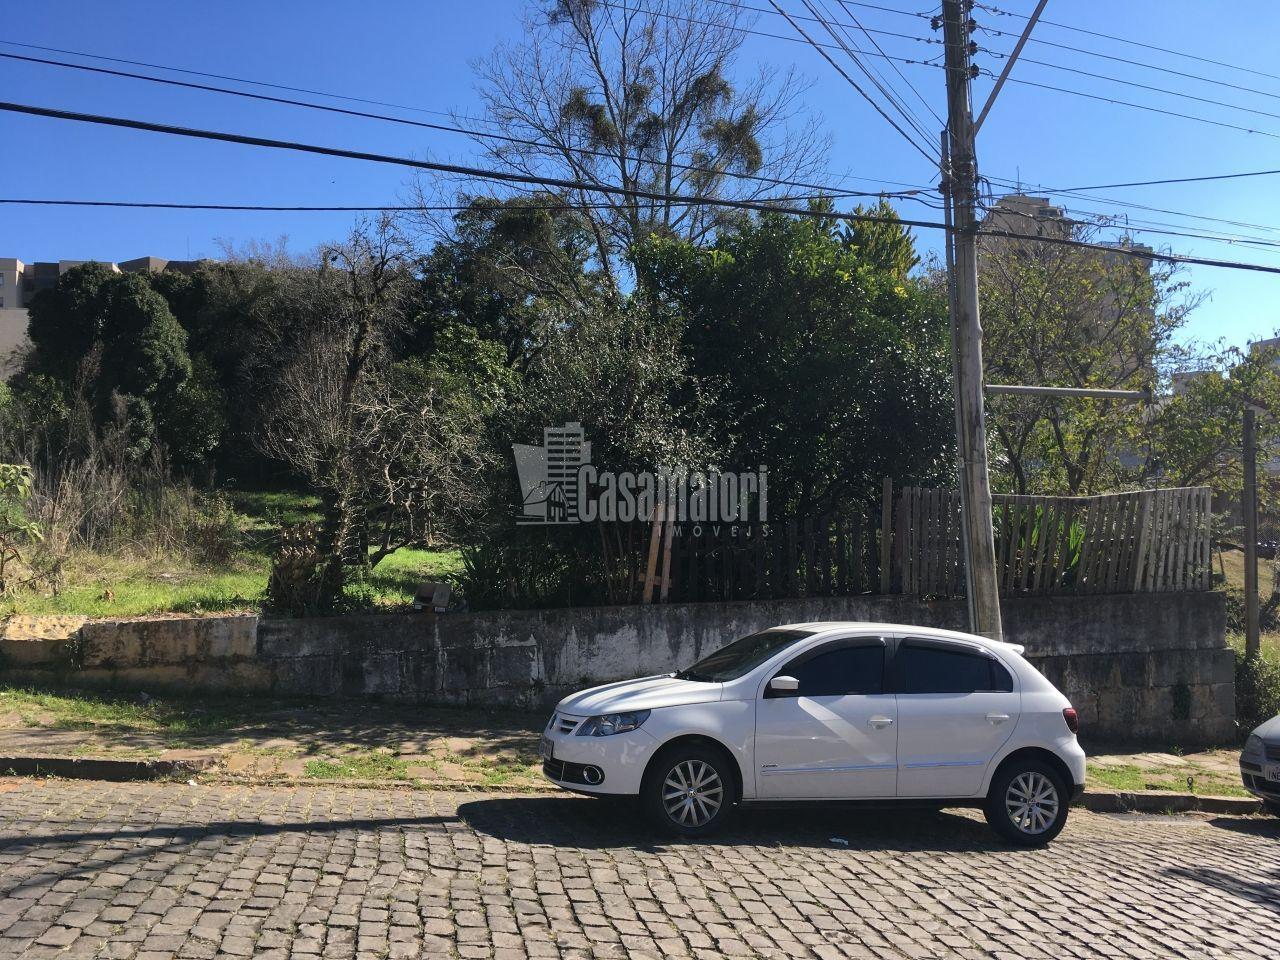 Terreno/Lote à venda  no São Francisco - Bento Gonçalves, RS. Imóveis